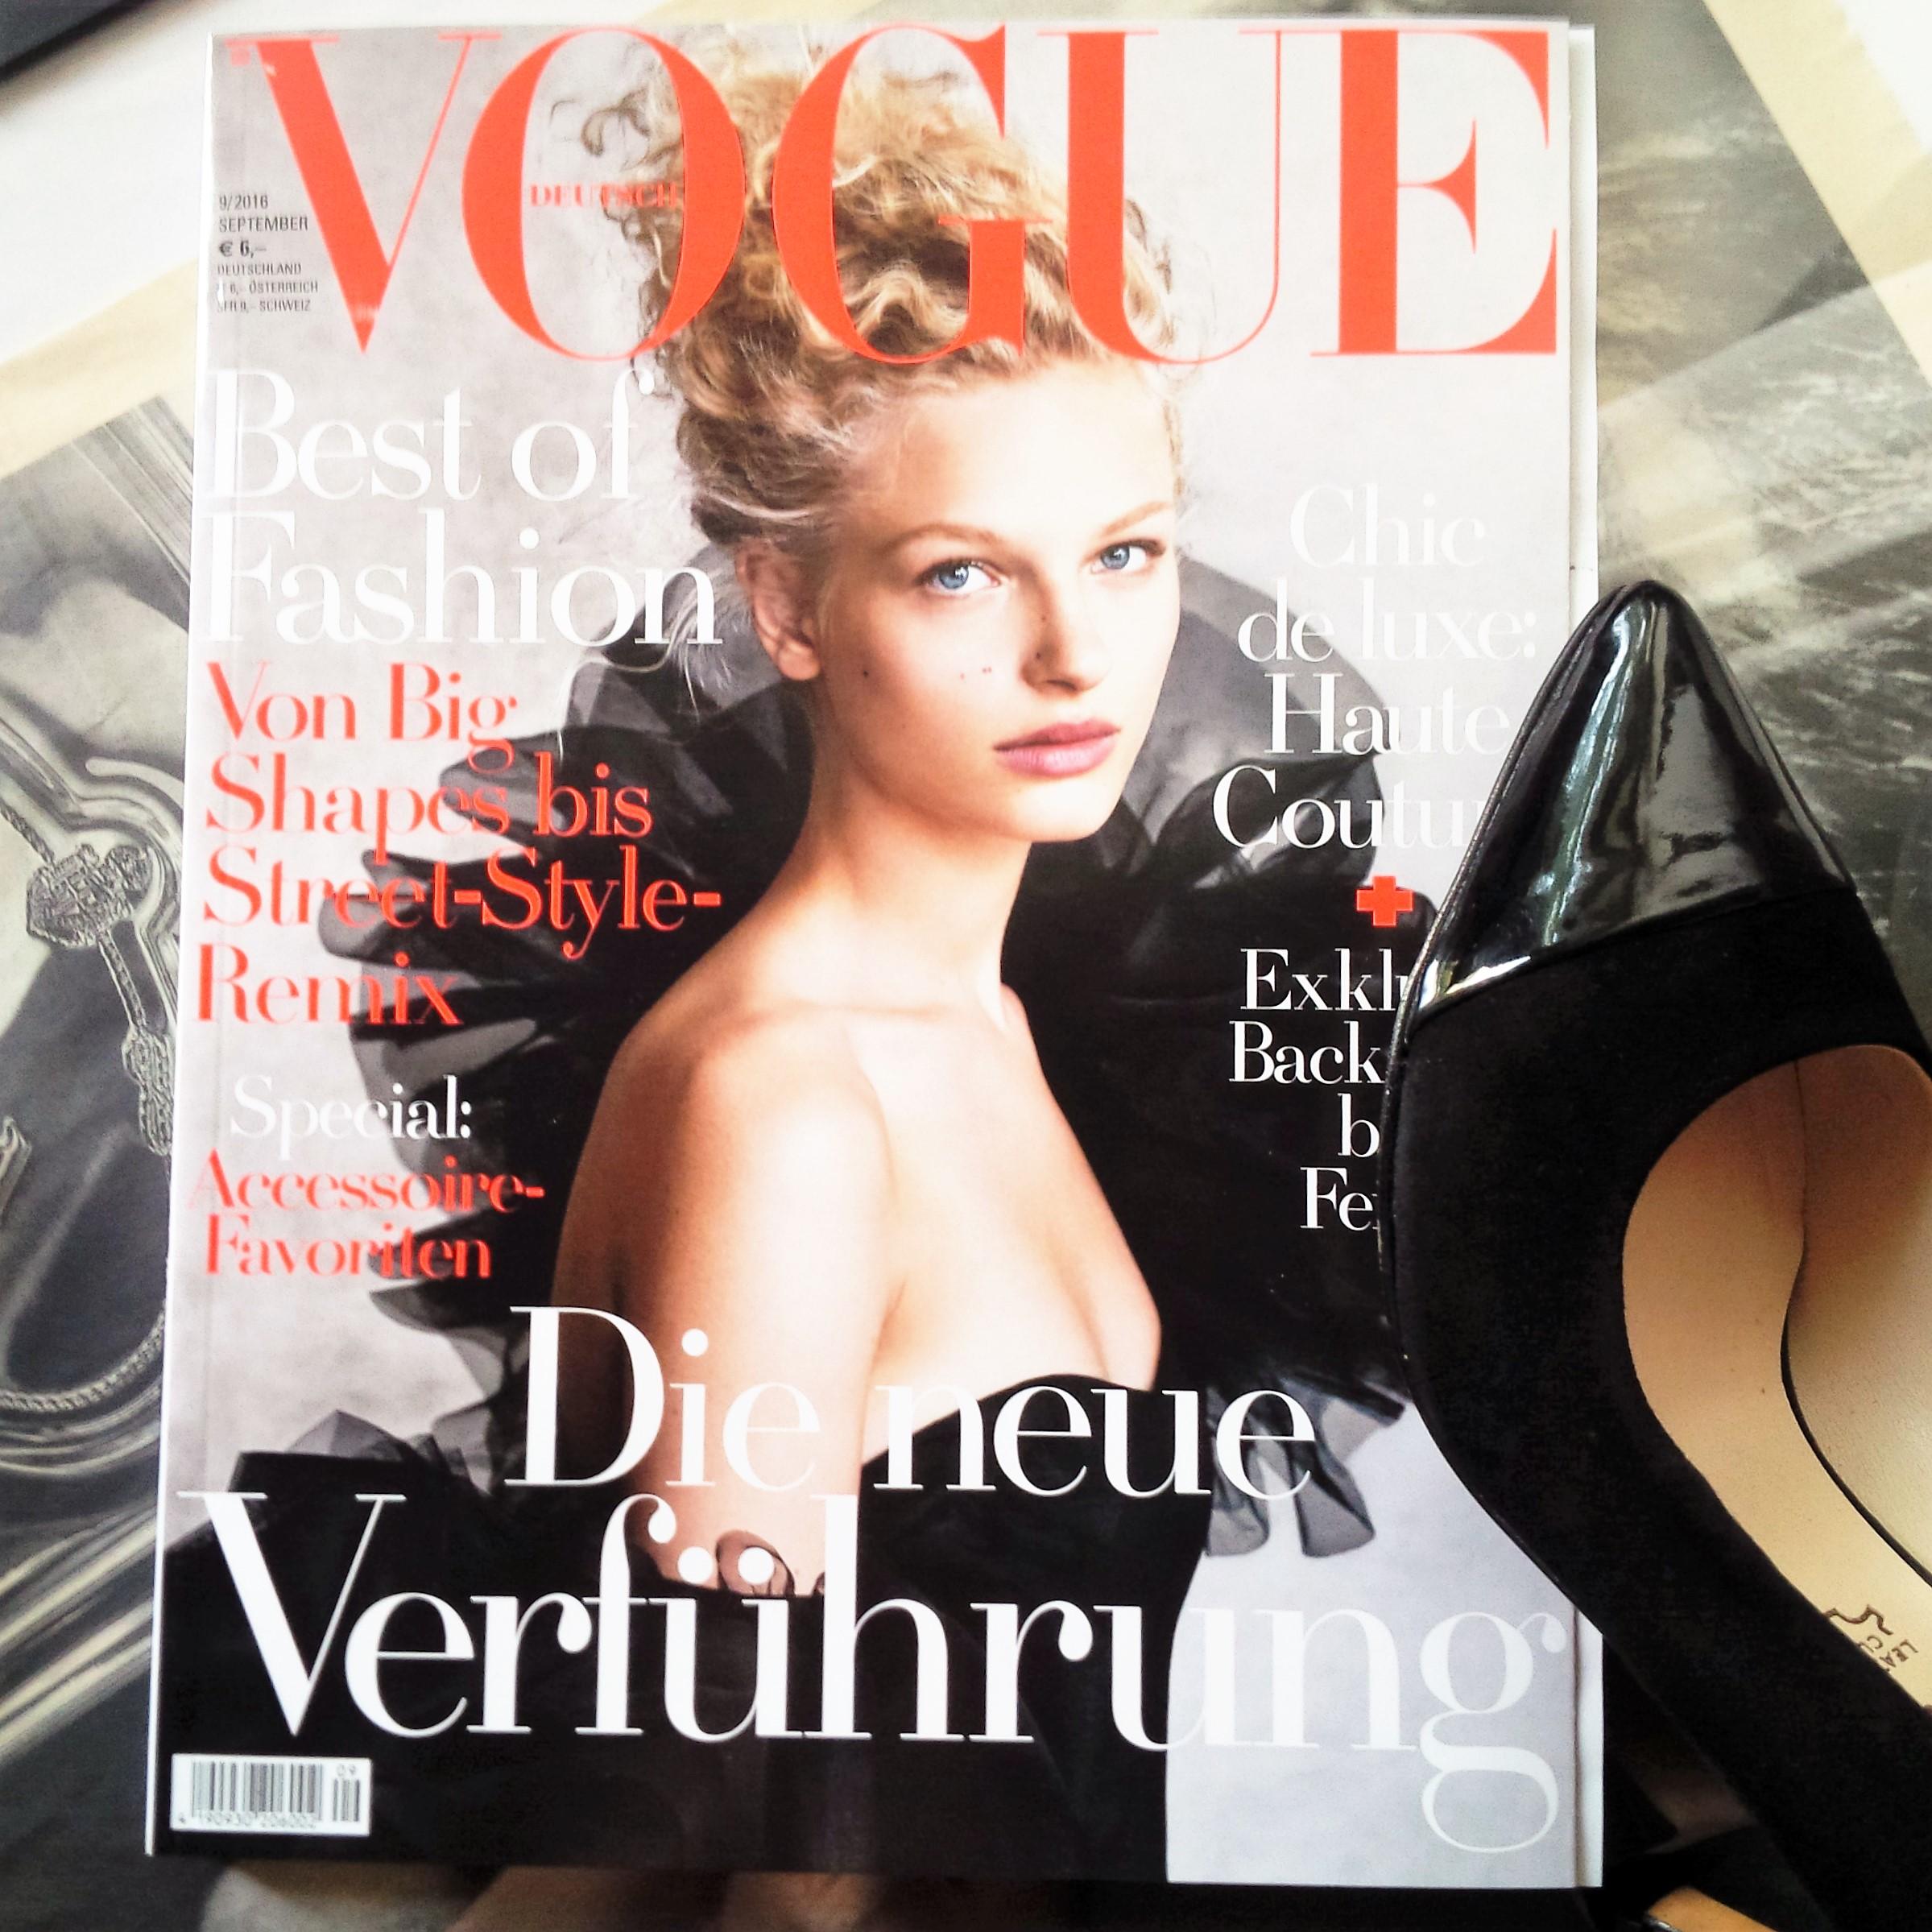 Liebe Woche #SeptemberIssue Liebe was ist Wochenfavoriten weekly favorites. Inspiration. Sonntag. Vogue, Artdeco, Tamaris - Herbsttrends (5)